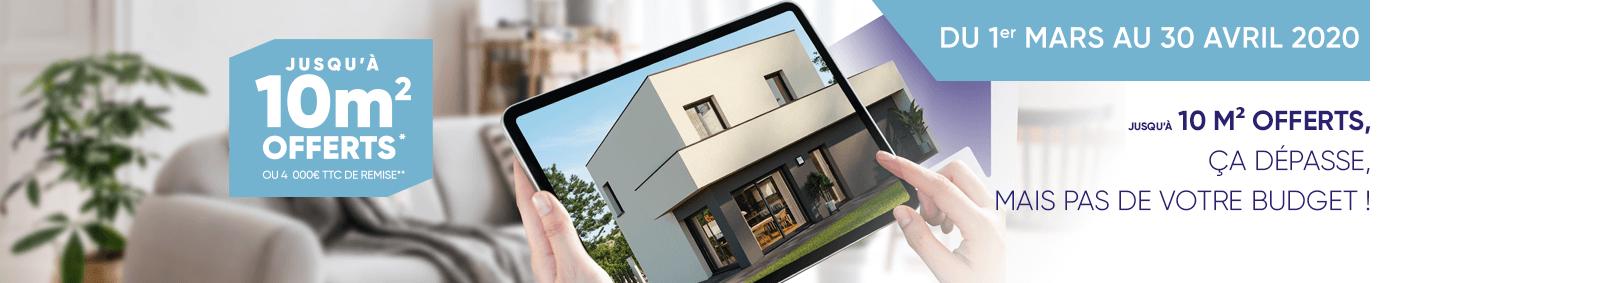 Du 1er mars au 30 avril 2020, Maisons France Confort vous offre 10m²